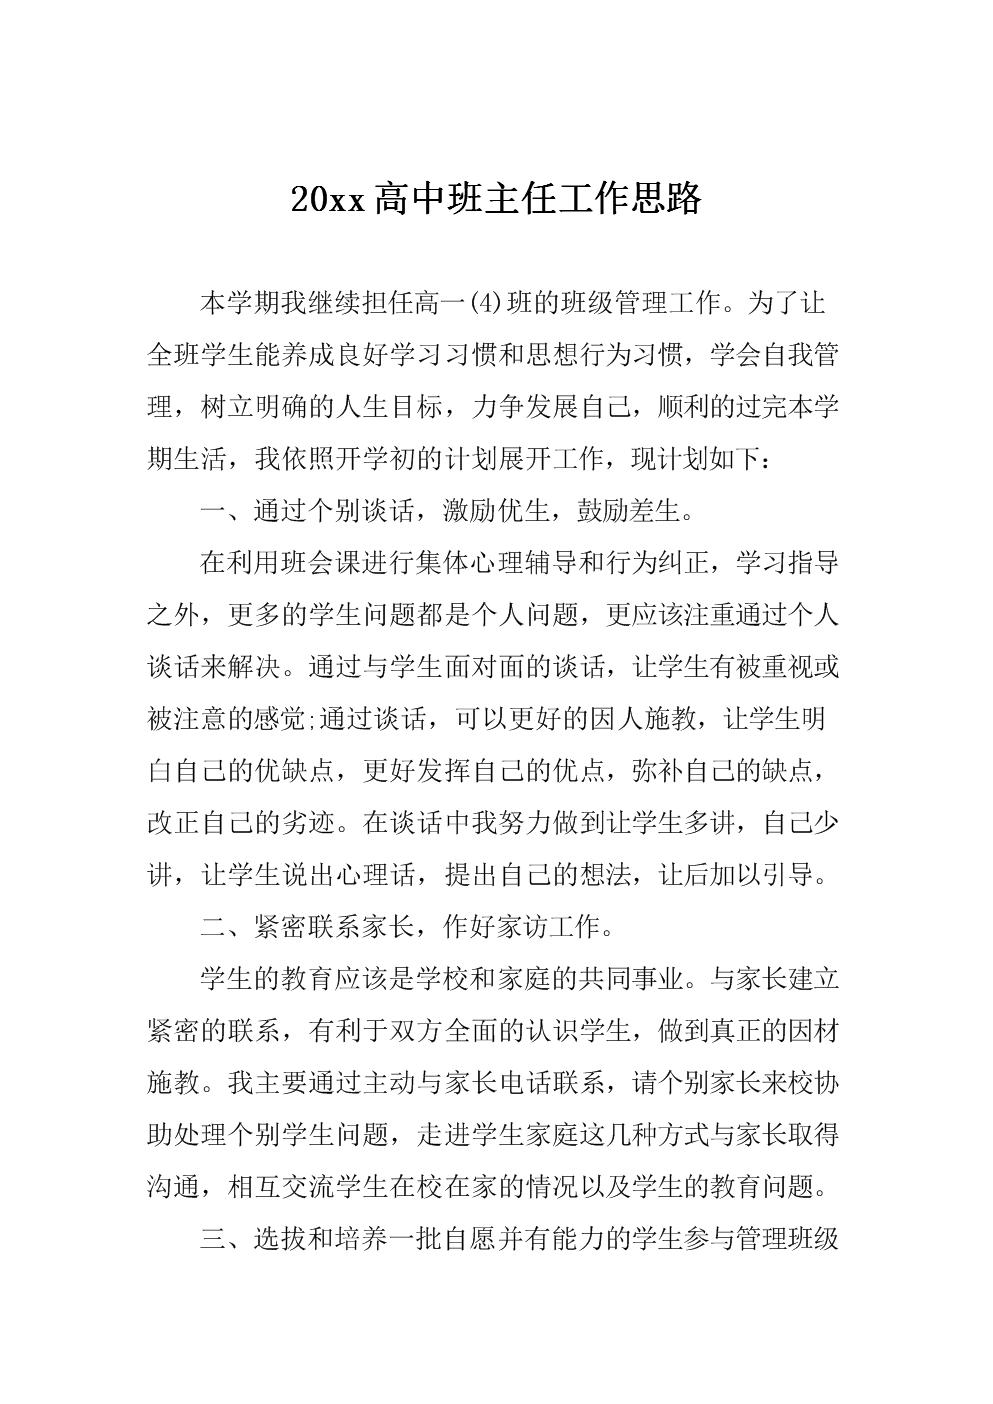 高中班主任工作思路范例.doc